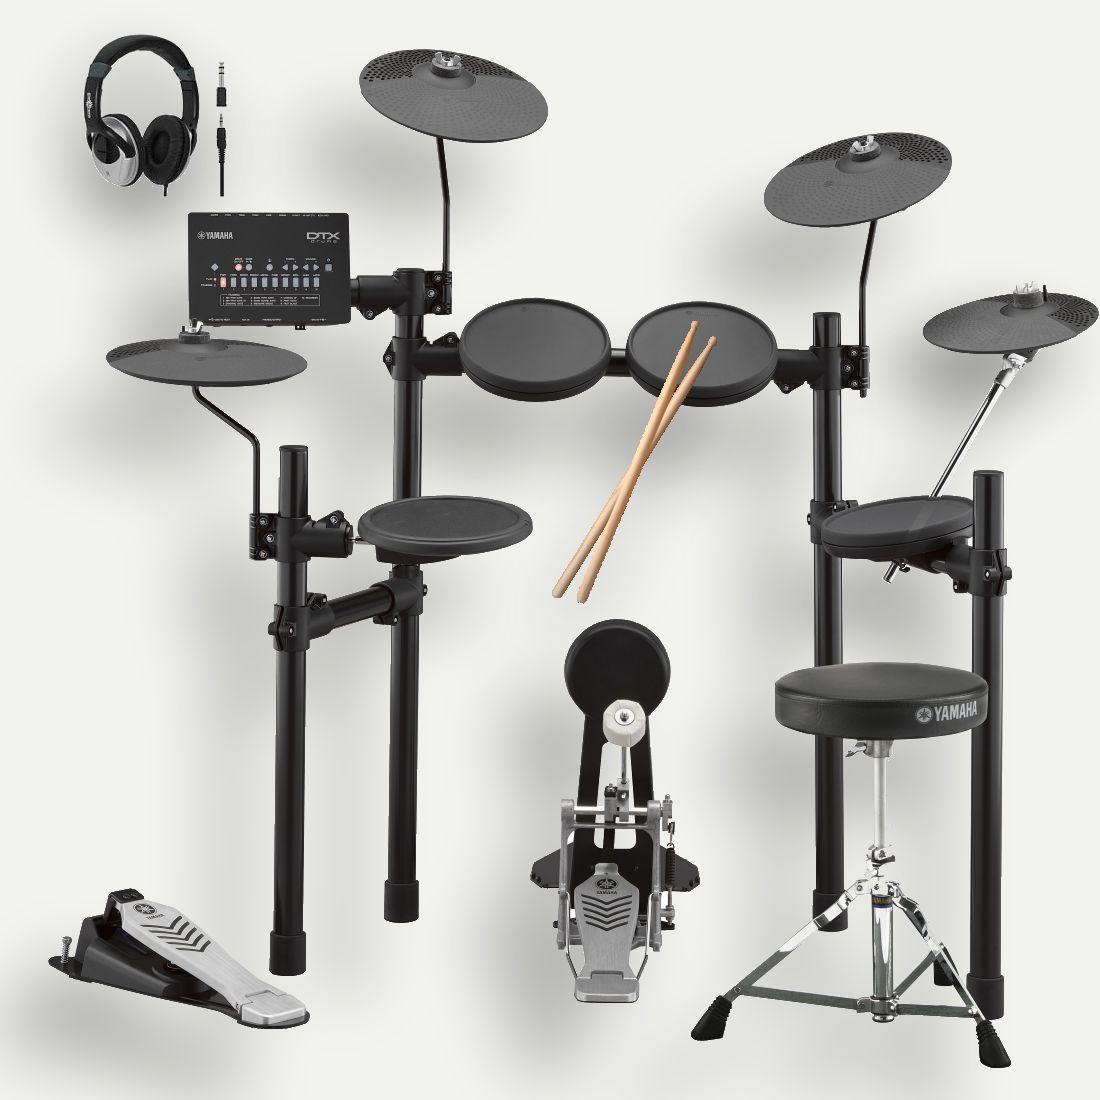 YAMAHA ヤマハ 電子ドラム DTX452KUPGS アップグレードセット ドラム椅子 スティック ヘッドホン 付 プレミアム•学割 対象 特典 暑中見舞い